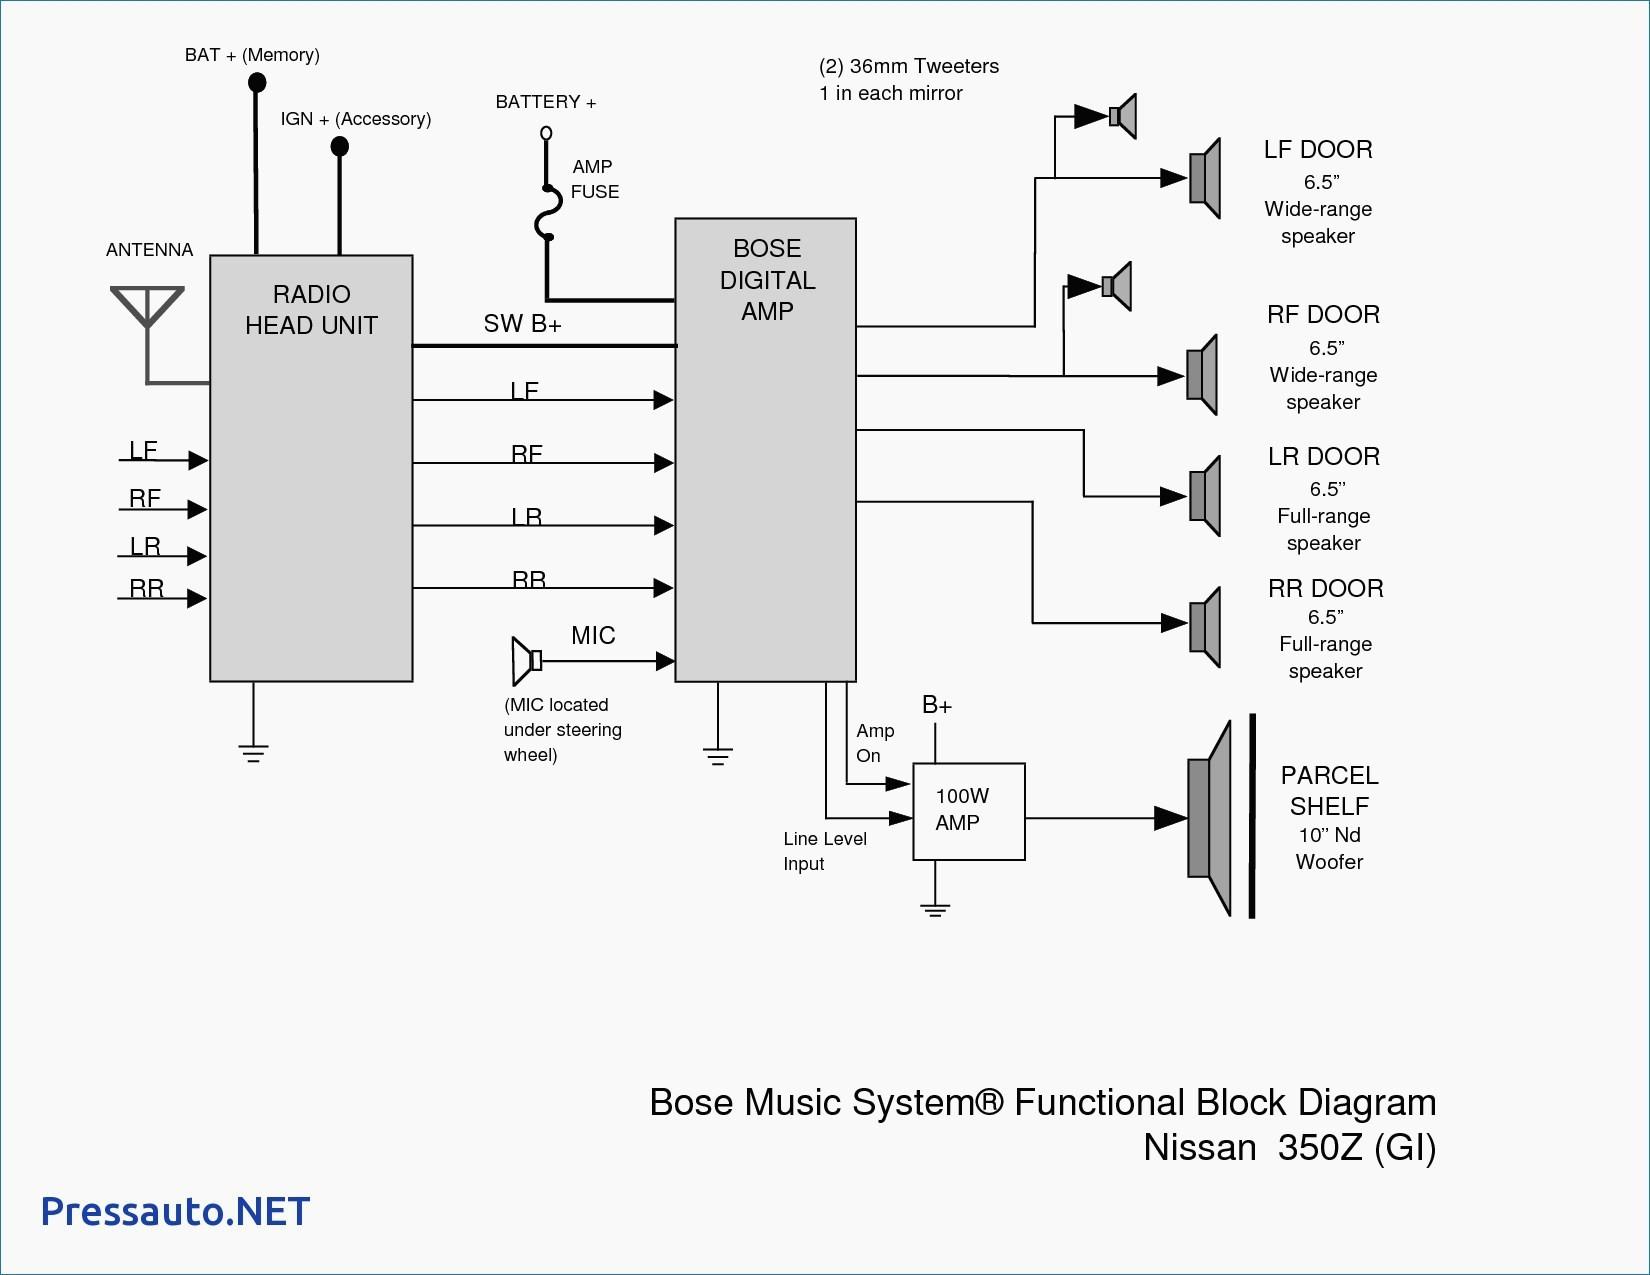 Bose Car Amplifier Wiring Diagram Bose Amp Wiring Diagram Lovely Car Audio Wiring Lifier Diagrams Of Bose Car Amplifier Wiring Diagram